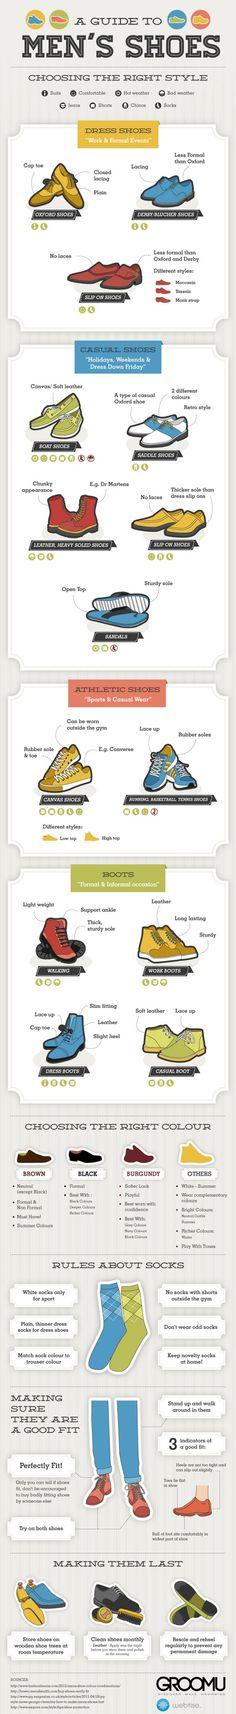 a-guide-to-mens-shoes_51d5826e5c8a1-630x4576.jpg (567×4119)